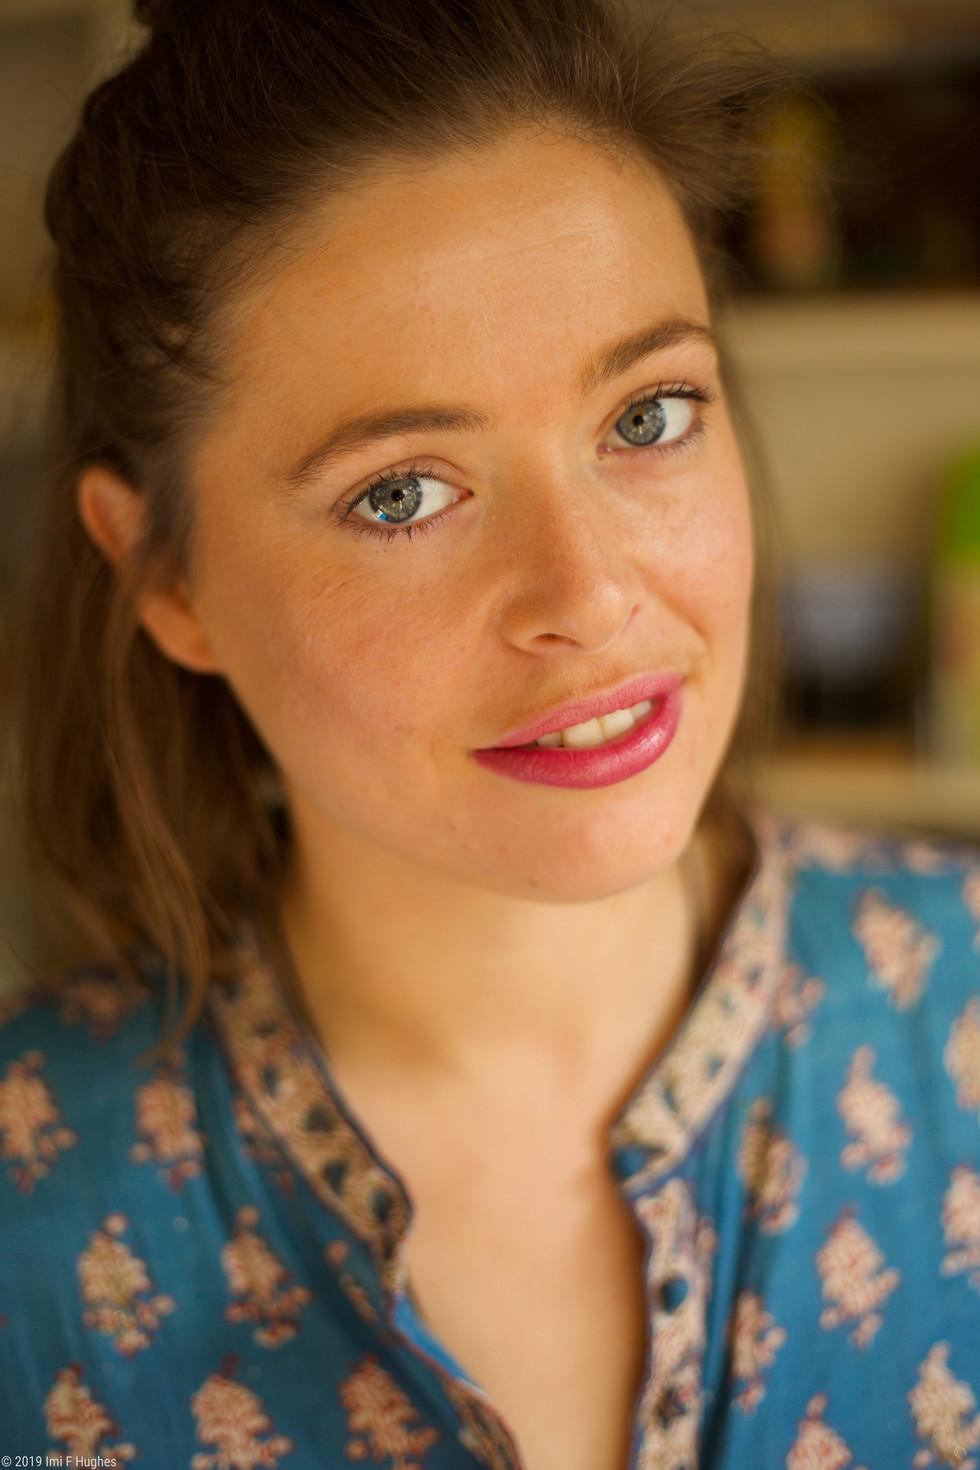 Sarah blue close up eyes.jpg